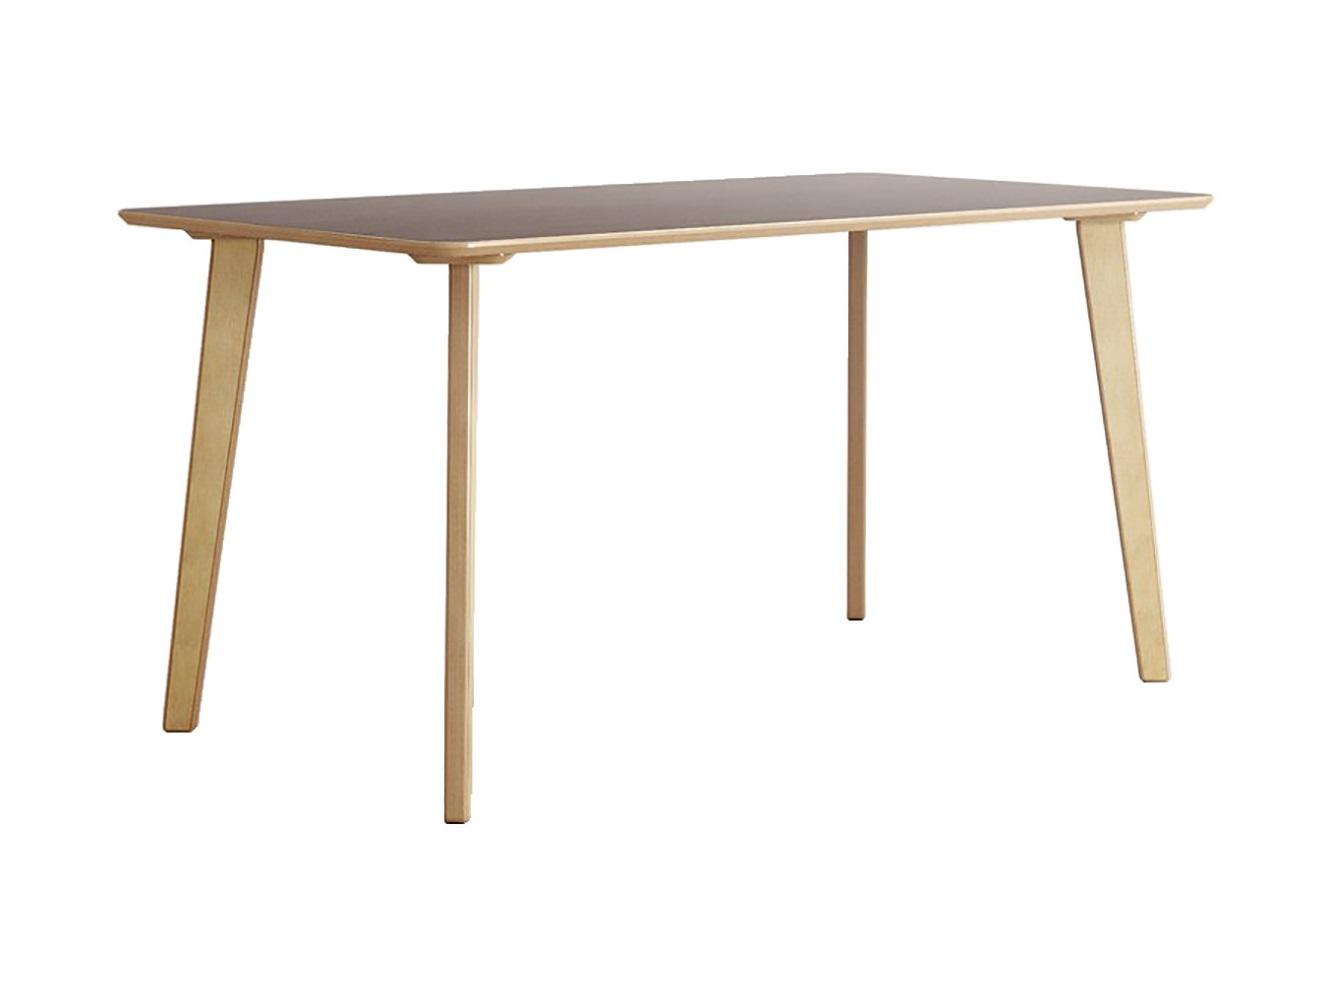 Стол BreveОбеденные столы<br>Это по-настоящему базовая модель стола: простой, но не скучный дизайн Breve впишется в любой интерьер, сочетается с любыми cтульями, подходит и для обеденной, и для рабочей зоны. Выпускается в наибольшем количестве размеров и форм столешницы. В сочетании с большим выбором цветов и текстур даёт бесконечные вариации. Например, можно выбрать разные цвета для ножек и столешницы. Интересная деталь: к краю столешницы её толщина сужается. В купе с привлекательной ценой этот стол становится идеальным предметом мебели.&amp;amp;nbsp;&amp;lt;div&amp;gt;&amp;lt;br&amp;gt;&amp;lt;/div&amp;gt;&amp;lt;div&amp;gt;&amp;amp;nbsp;Цветовая гамма включает 19 различных оттенков. Вы можете выбрать один или скомбинировать несколько цветов.  Детали уточняйте у менеджеров клиентской службы.&amp;amp;nbsp;&amp;lt;/div&amp;gt;<br><br>Material: Фанера<br>Ширина см: 120<br>Высота см: 75<br>Глубина см: 80